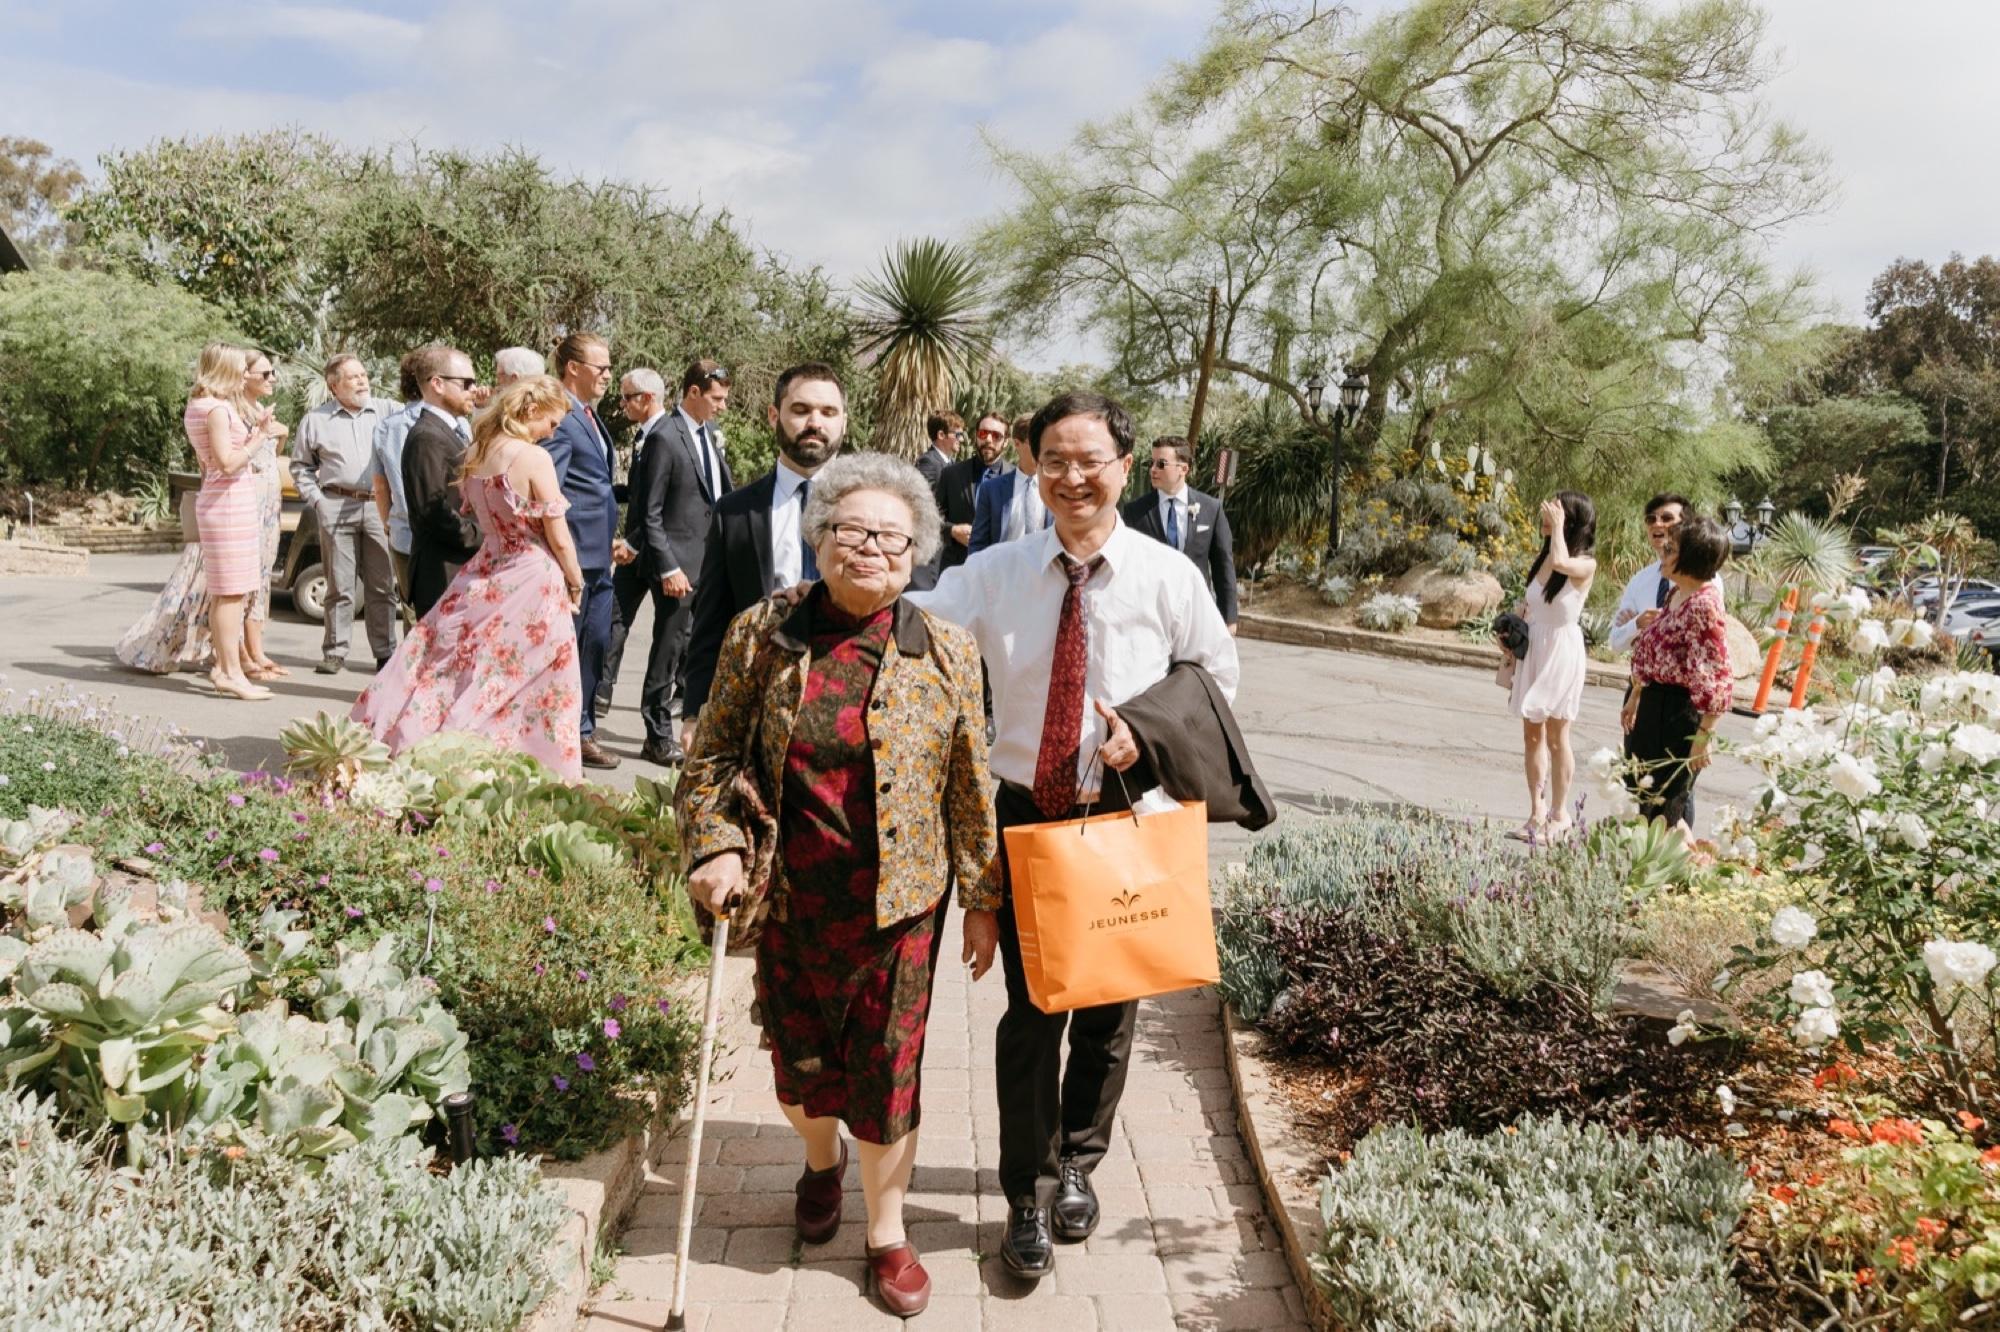 013_Shawna and Steve's Wedding-83.jpg